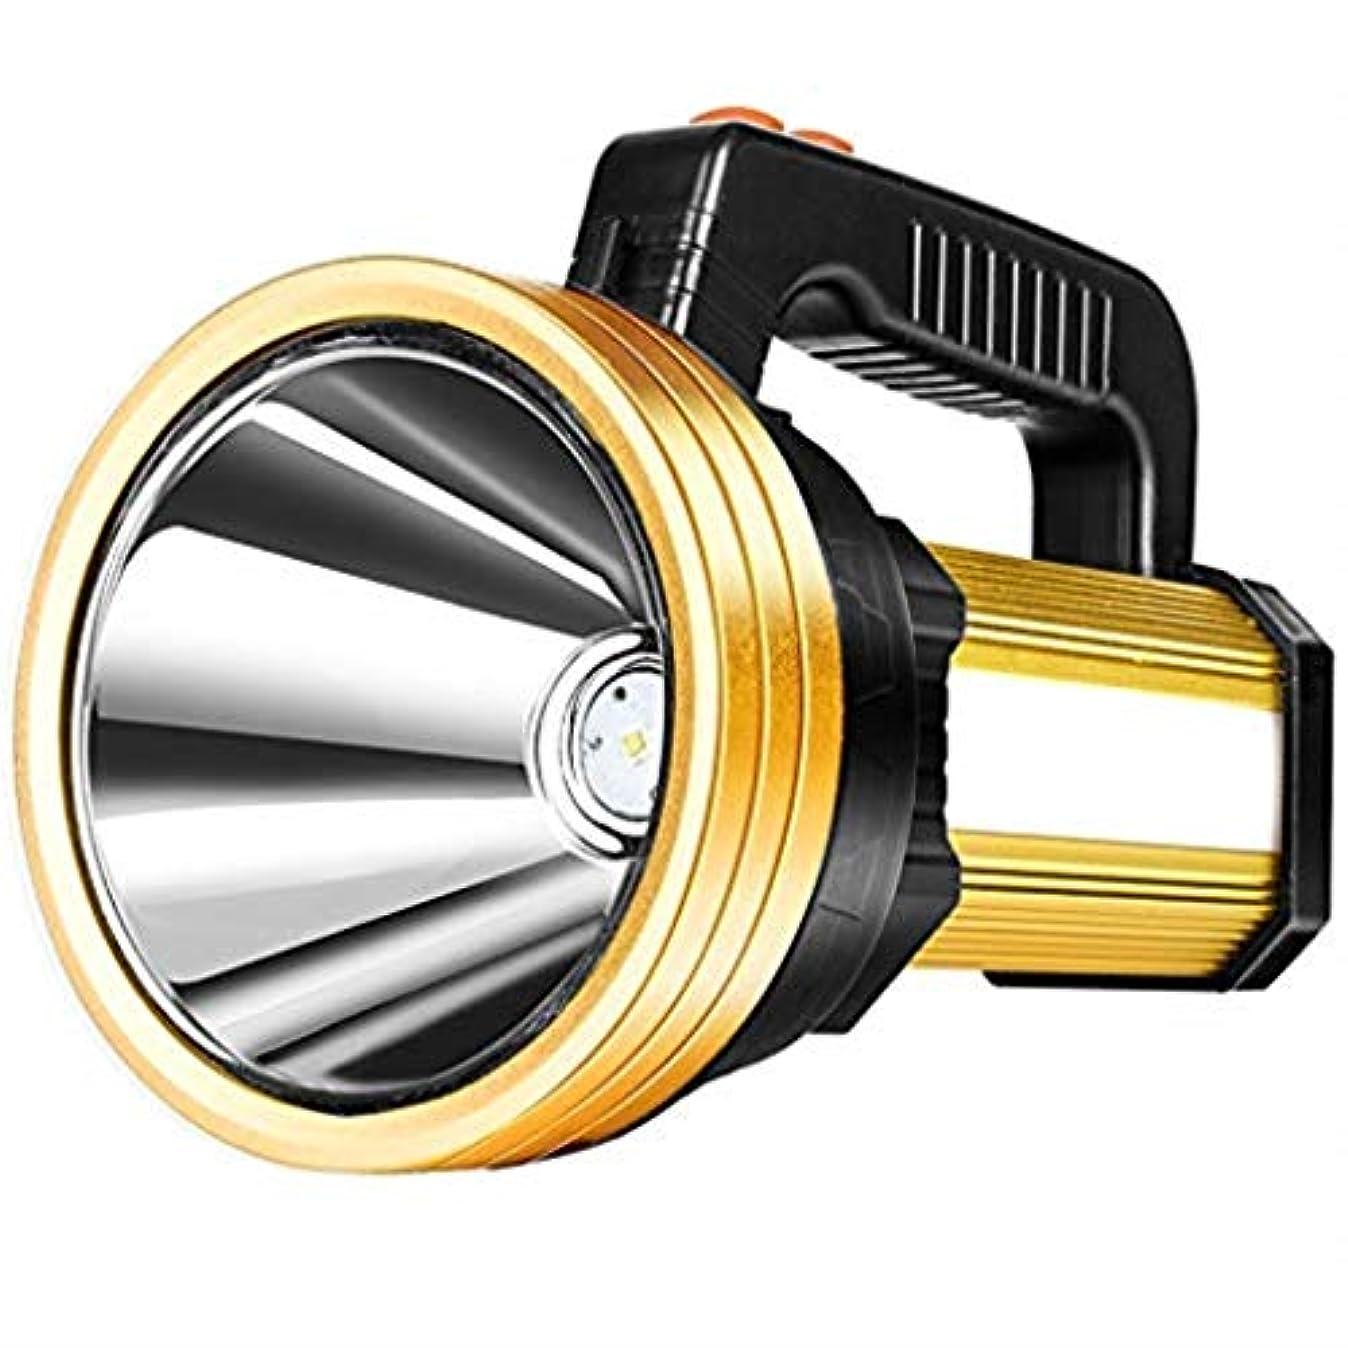 反論者積極的に亡命グレア懐中電灯300ワットグレアポータブルサーチライト